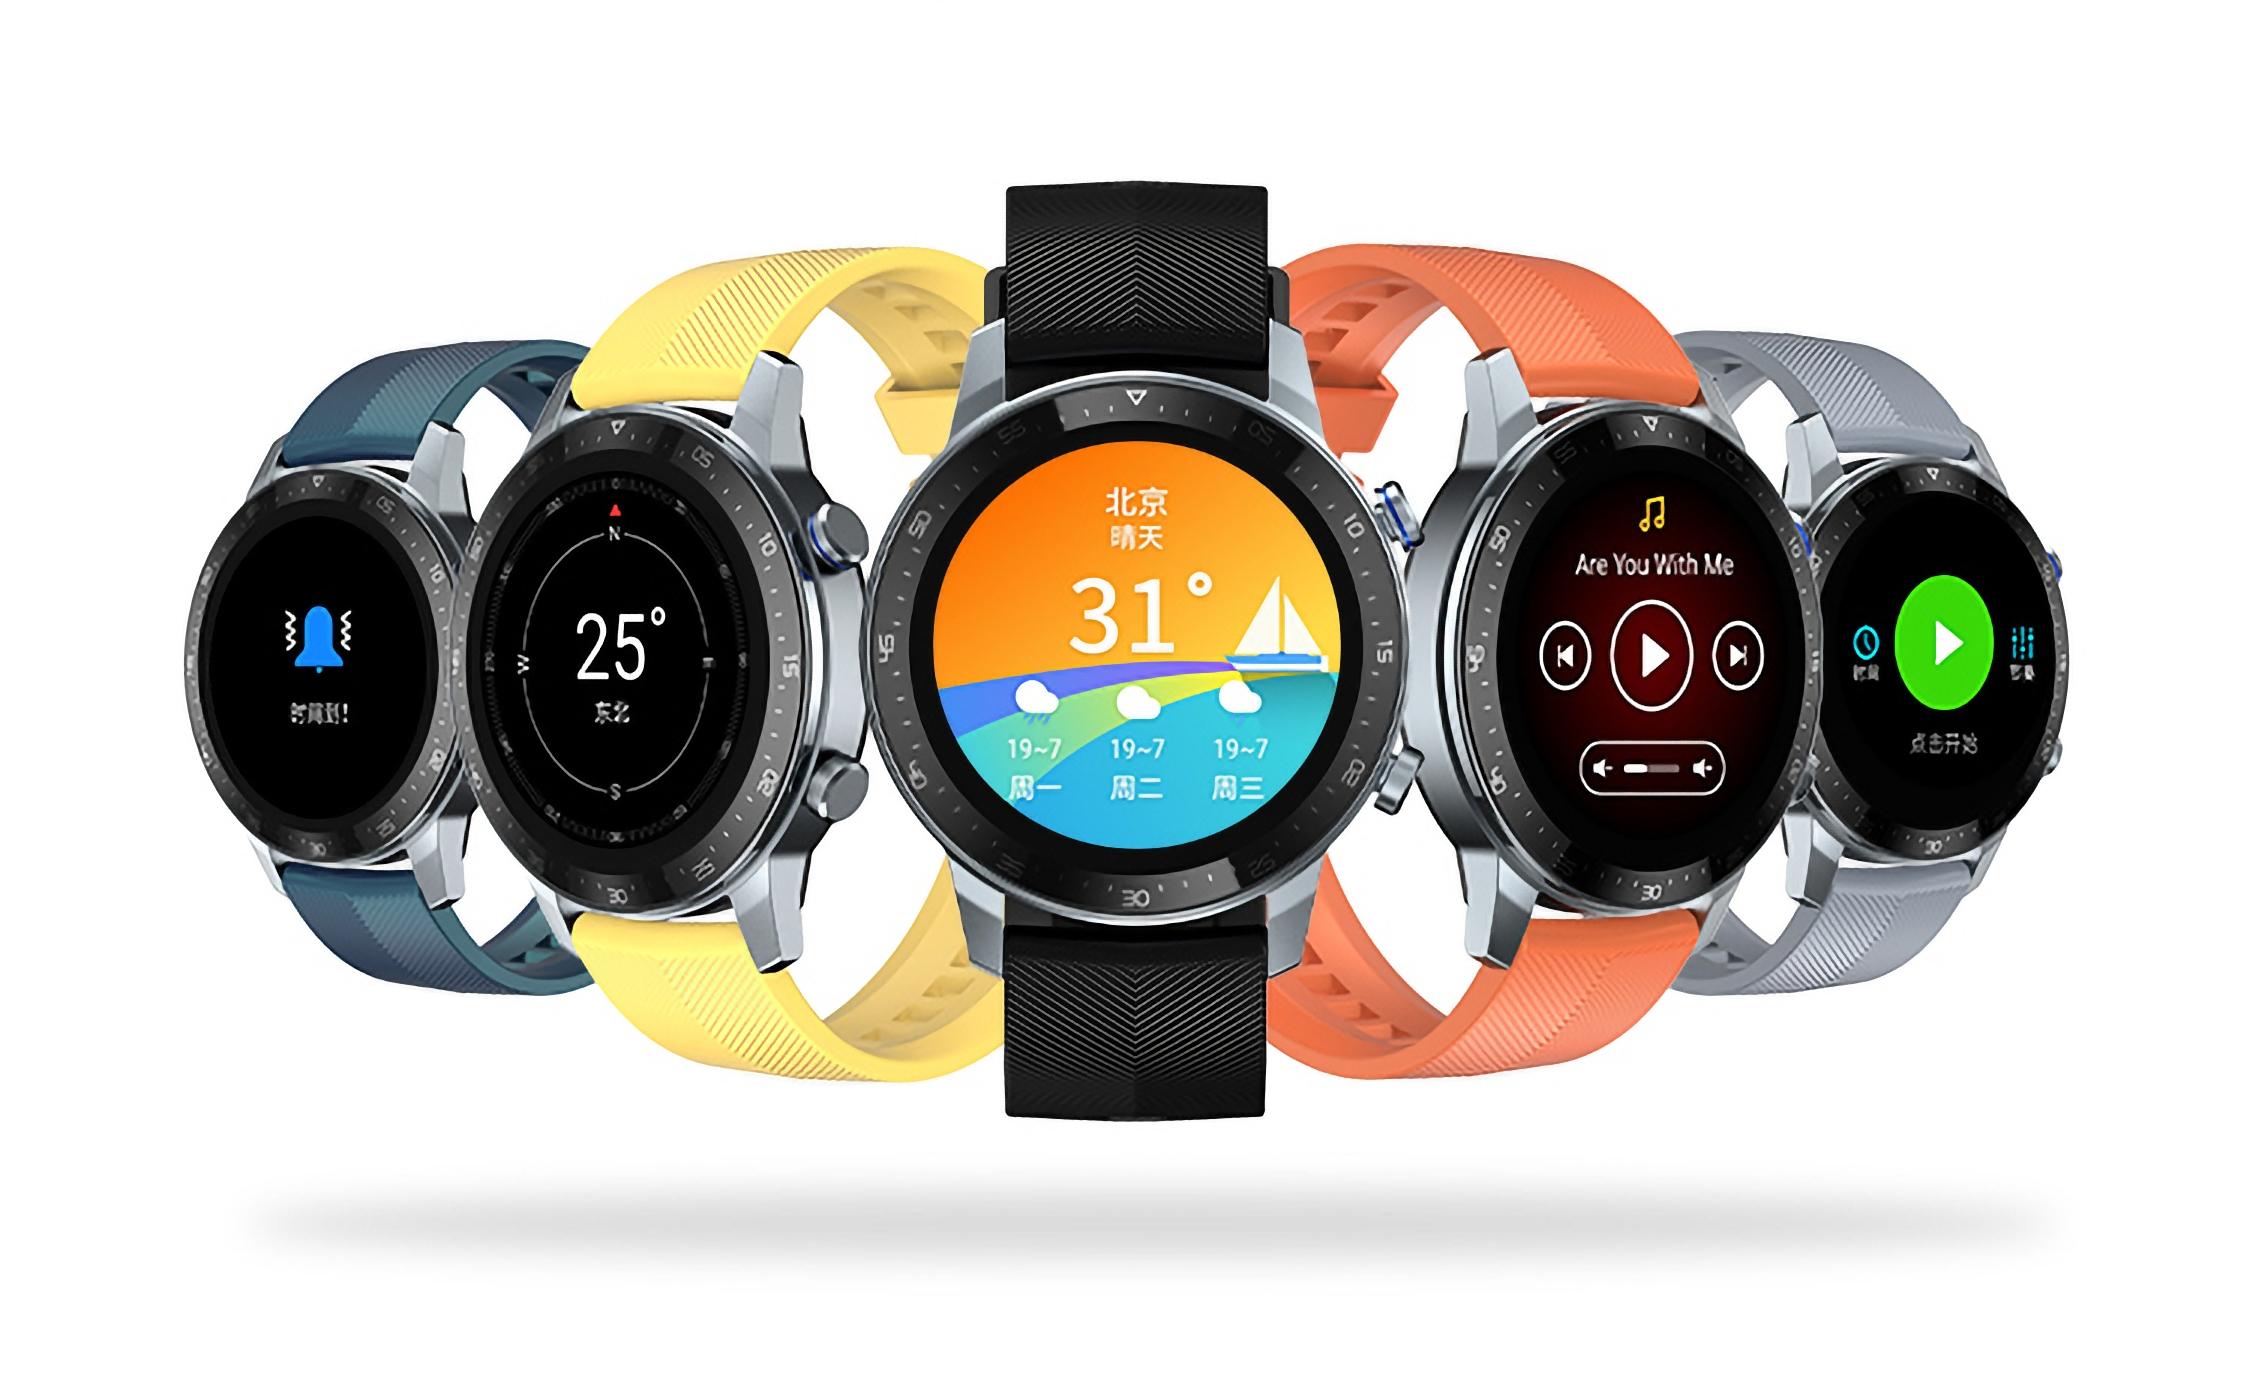 ZTE Watch GT: смарт-часы с AMOLED-экраном, GPS, датчиком SpO2 и автономностью до 23 дней за $91